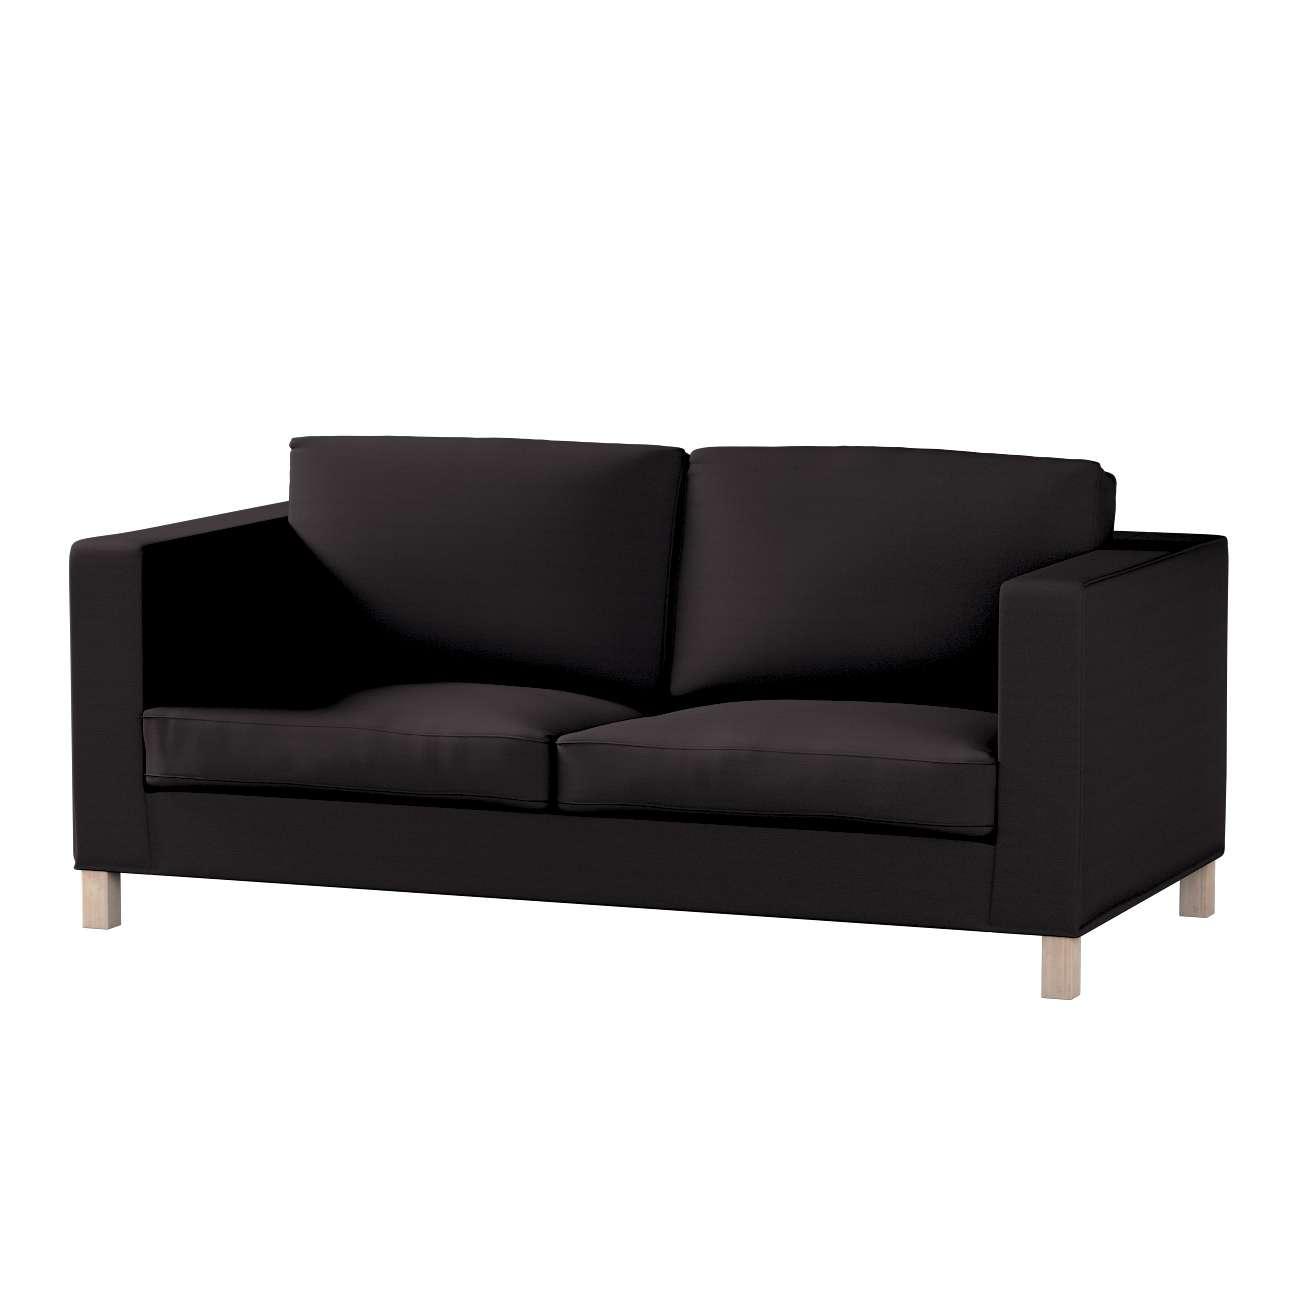 KARLANDA sofos lovos užvalkalas KARLANDA sofos lovos užvalkalas kolekcijoje Cotton Panama, audinys: 702-08